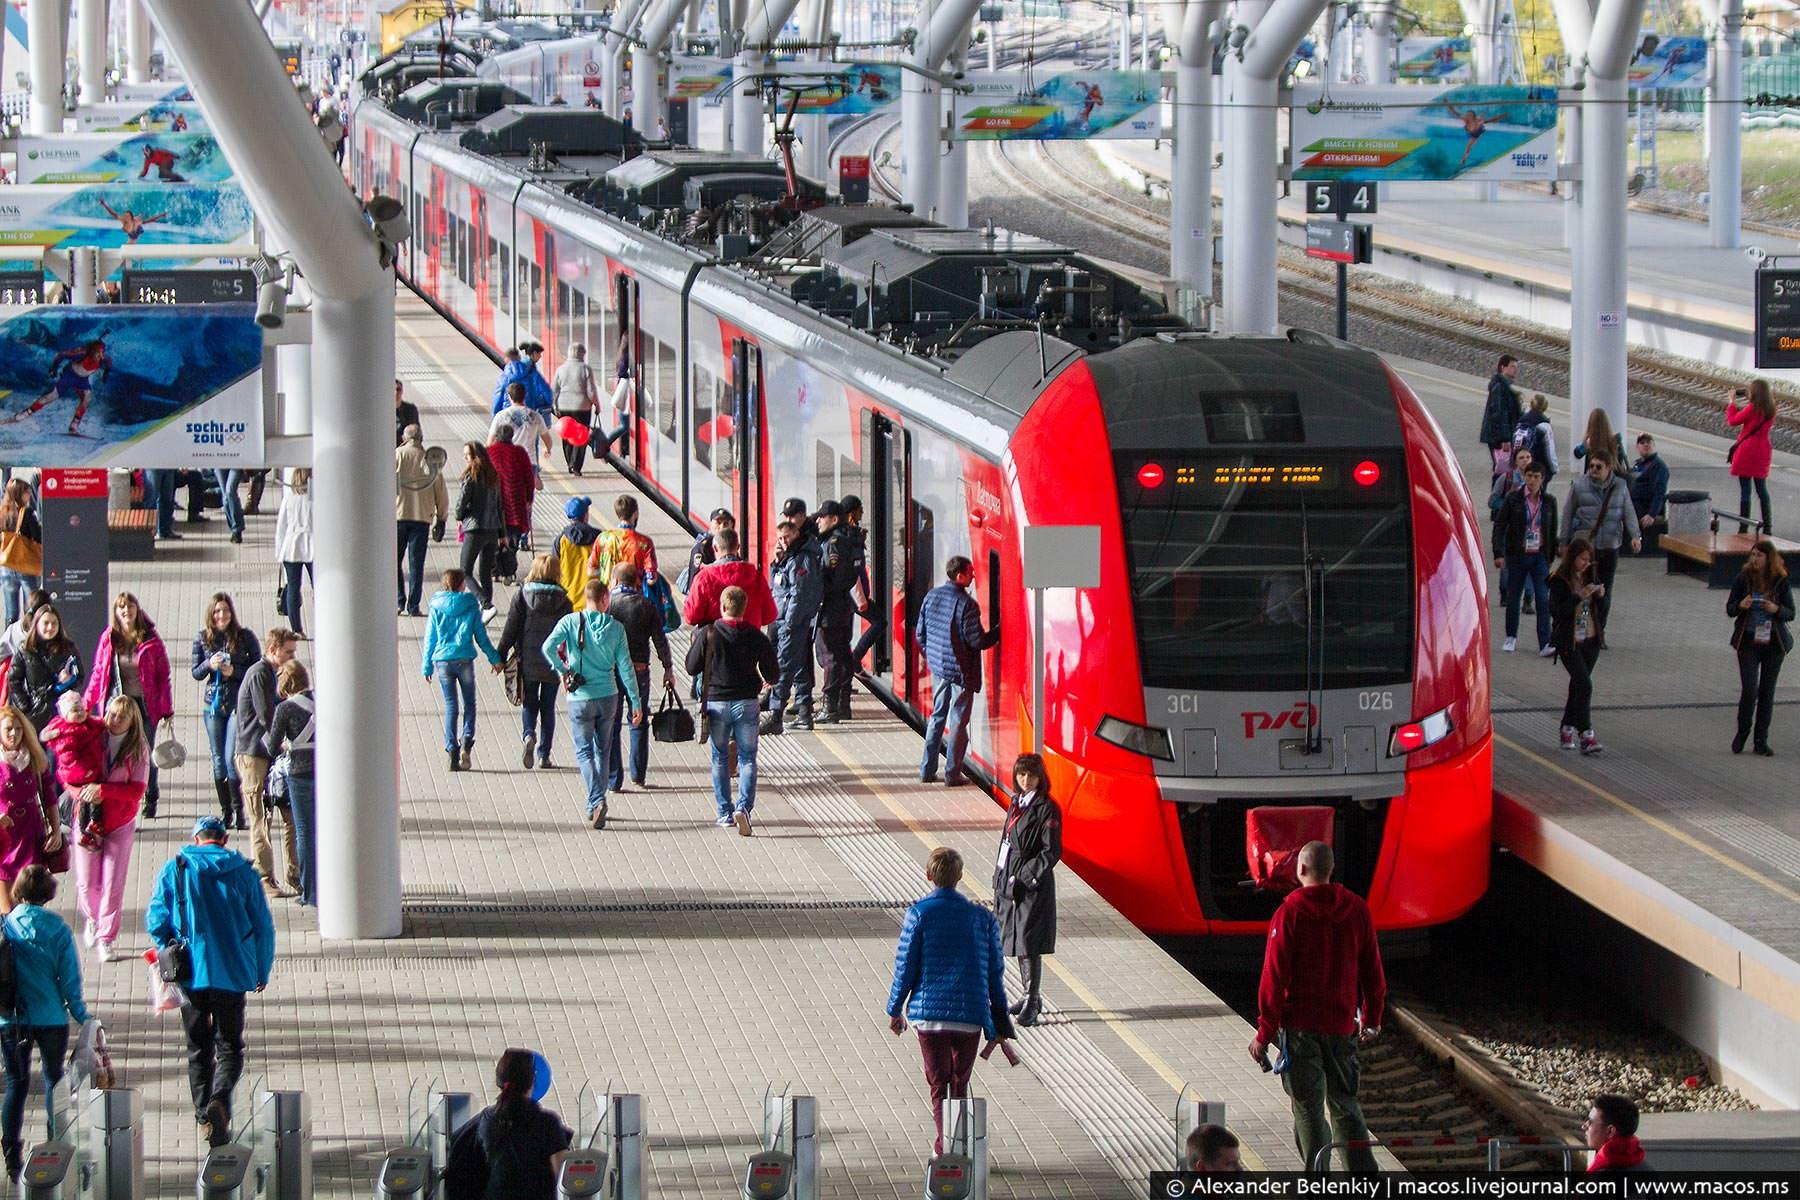 РЖД за 2016 год закупили 152 новых вагона электричек